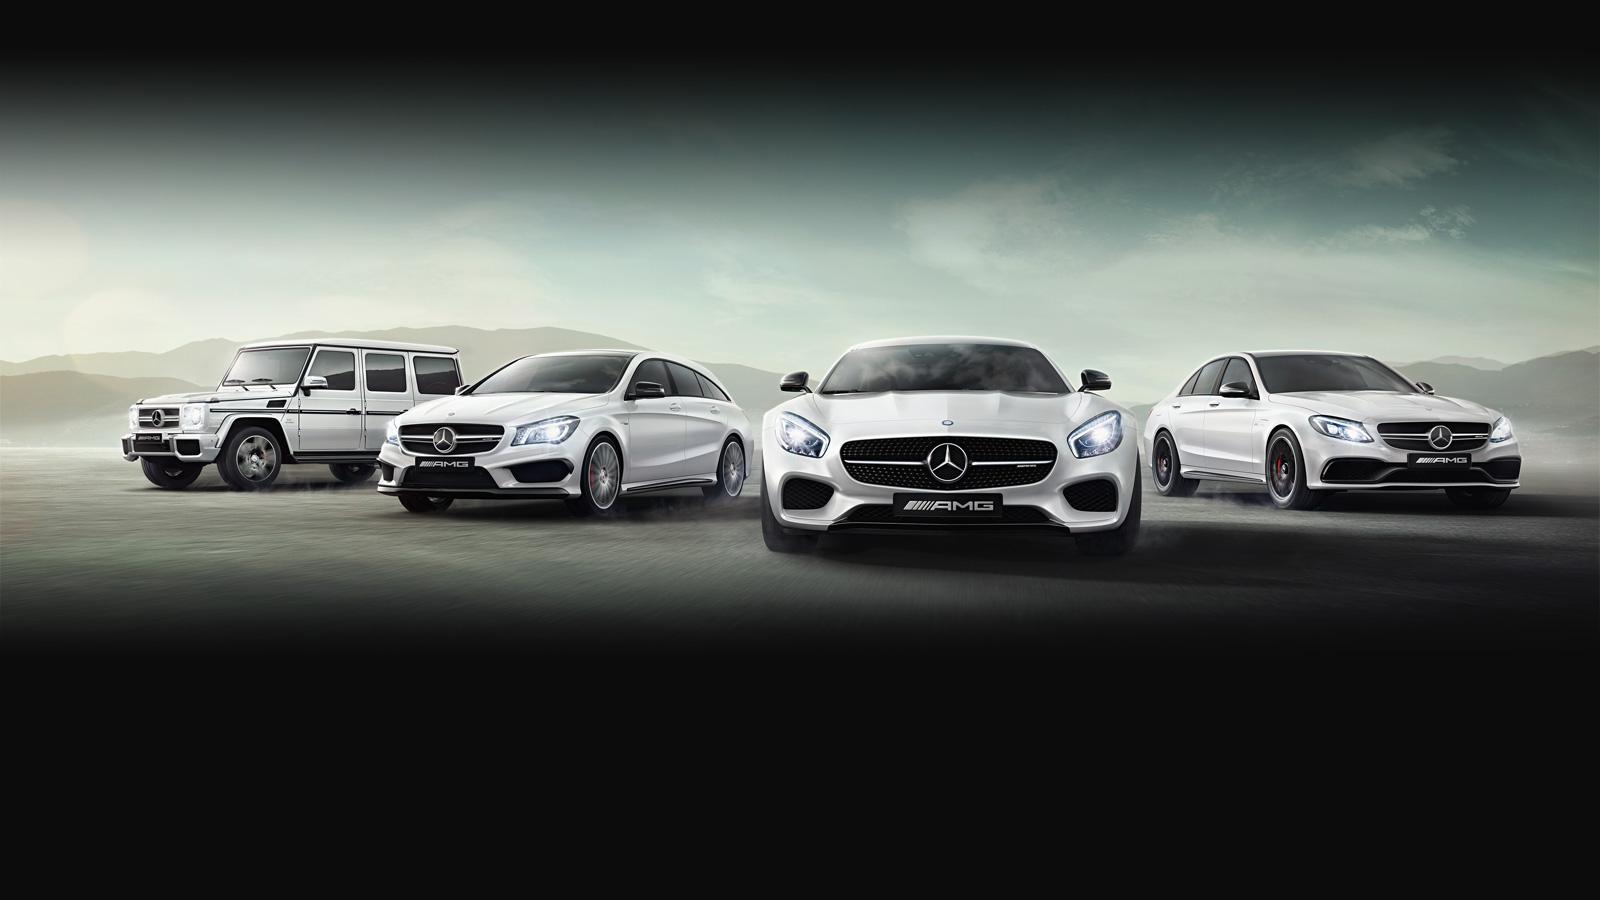 Mercedes-AMG gama